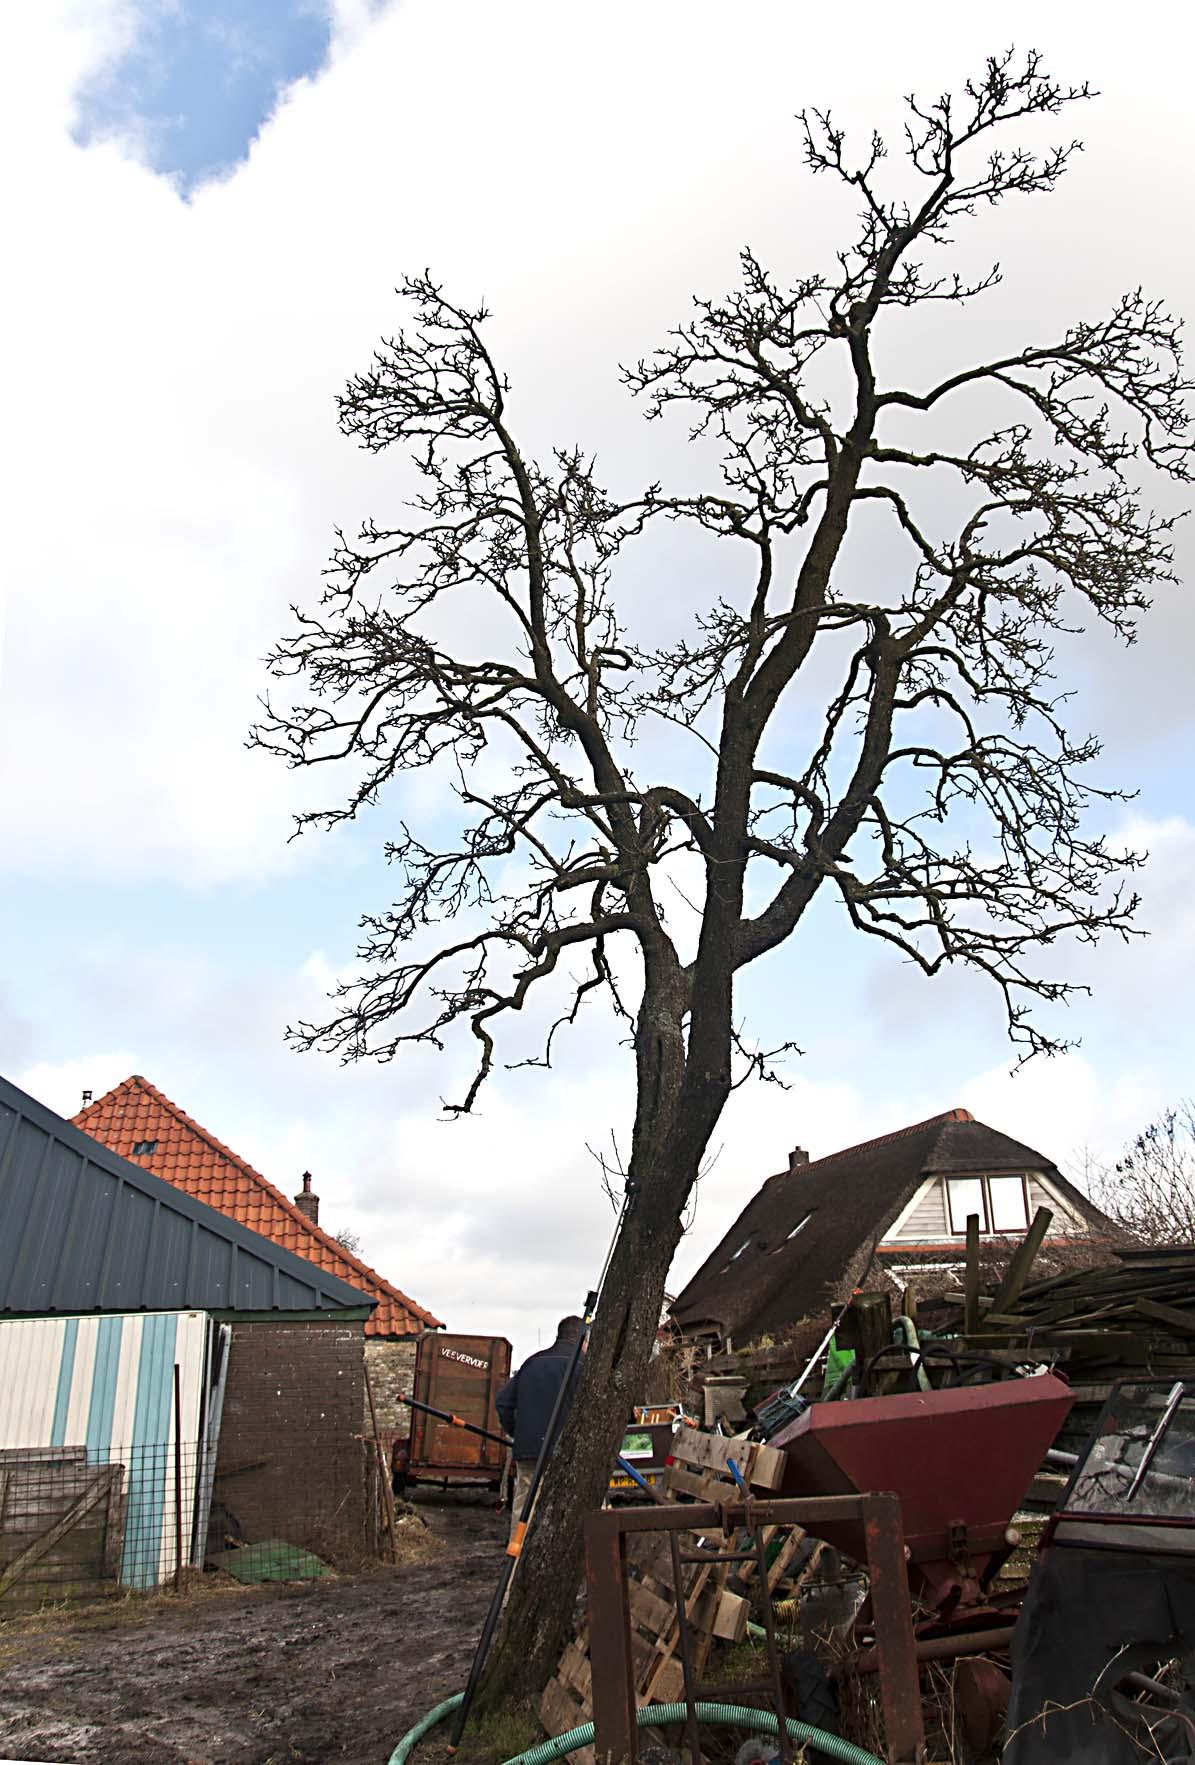 2012-02-25-hsb-zuidveen-3552